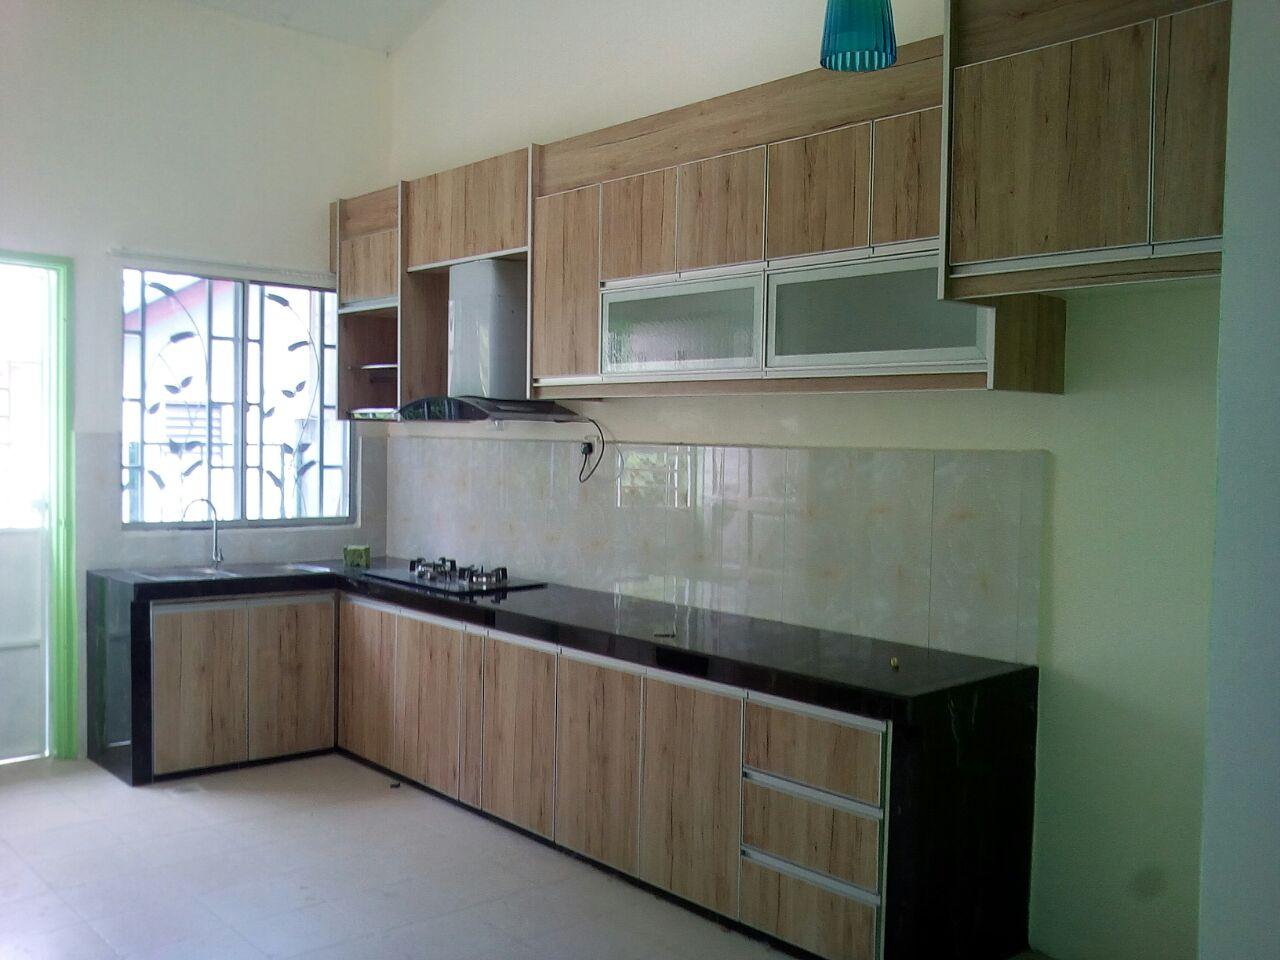 Kabinet Dapur Rantau Panjang Klang